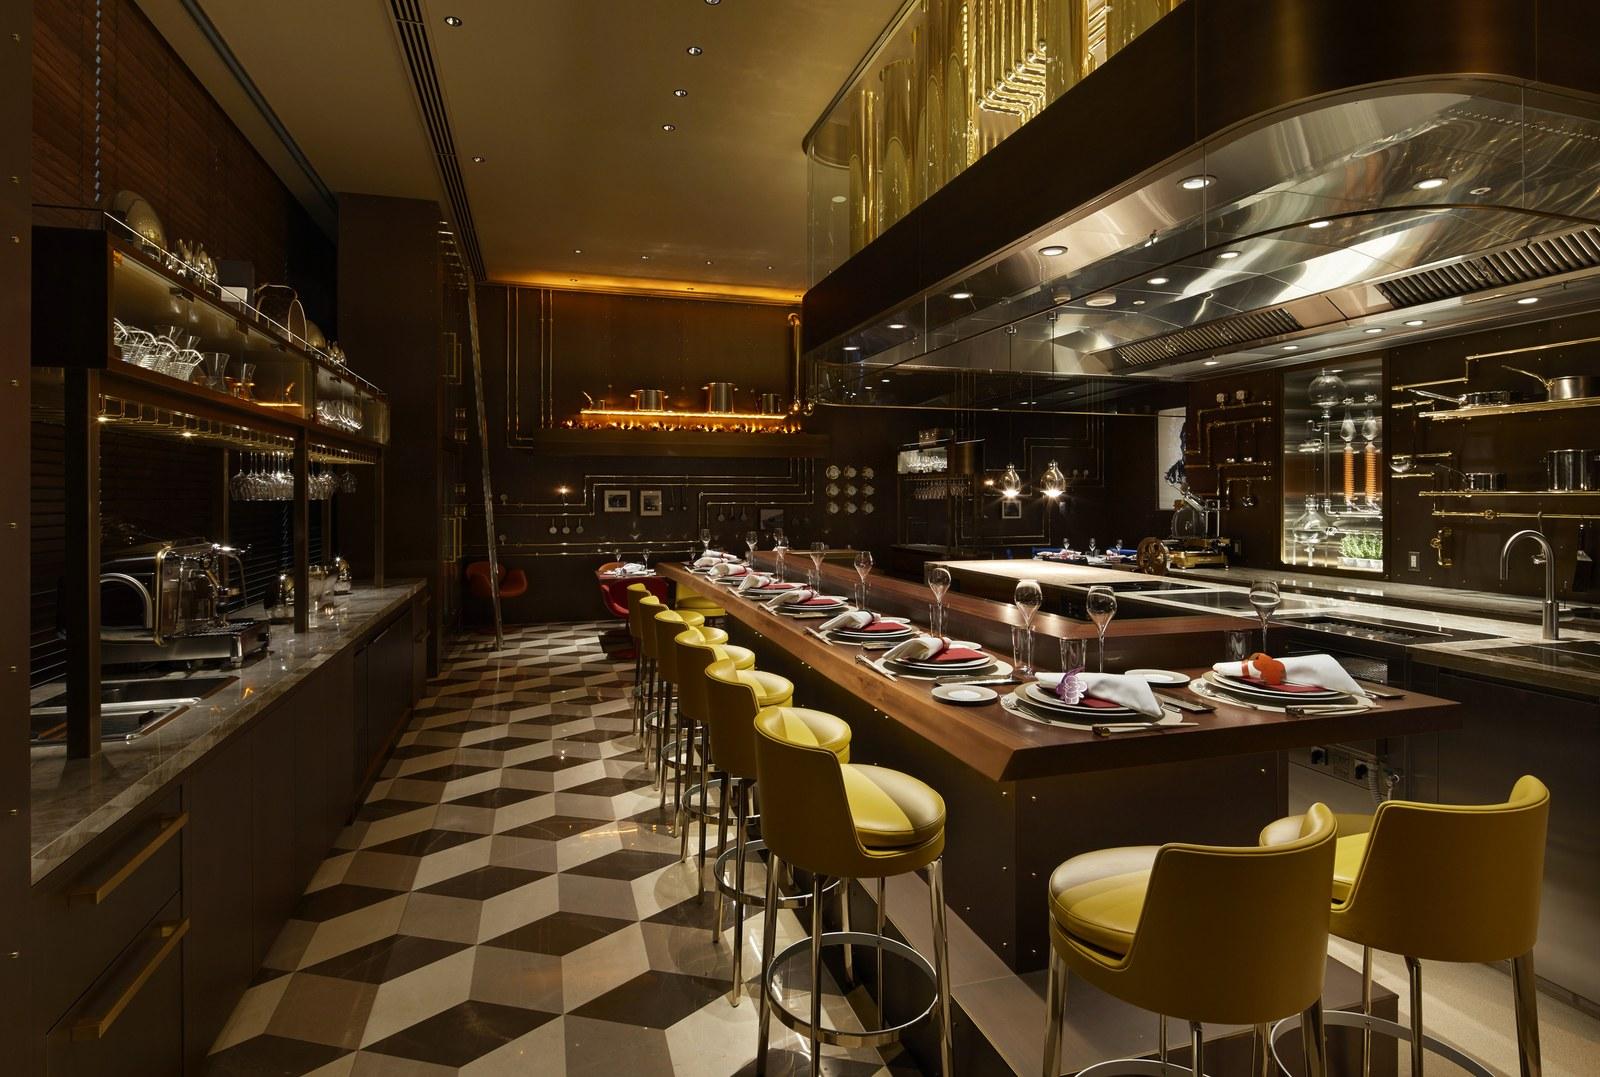 Louis Vuitton restoran (6)